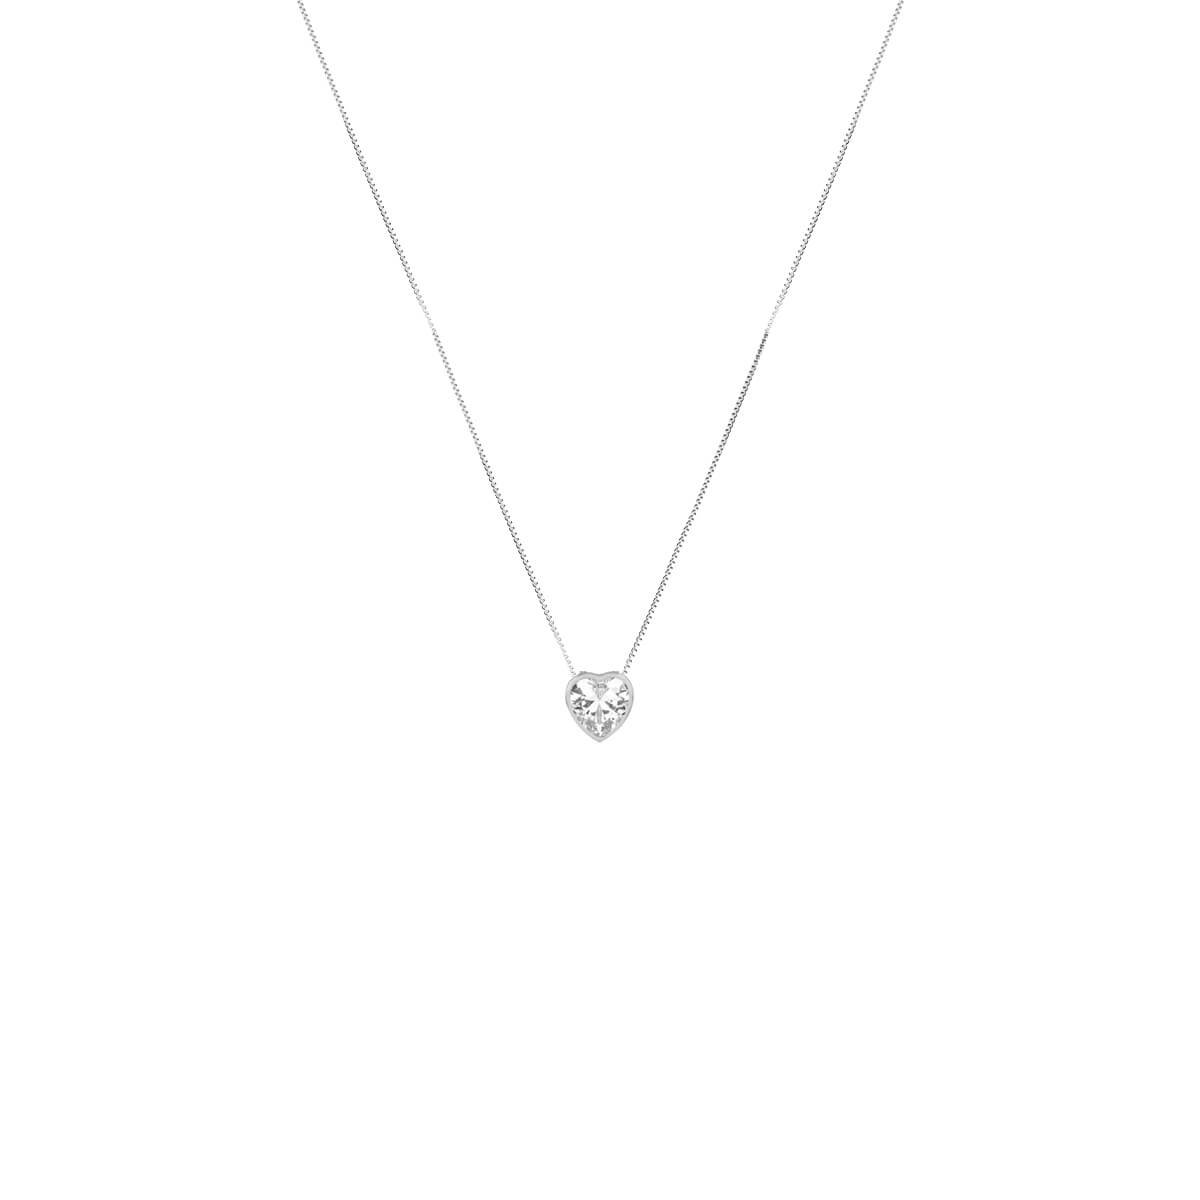 4d468be655a Colar com Pingente Coração de Zircônia Prata 925 - New Bijoux